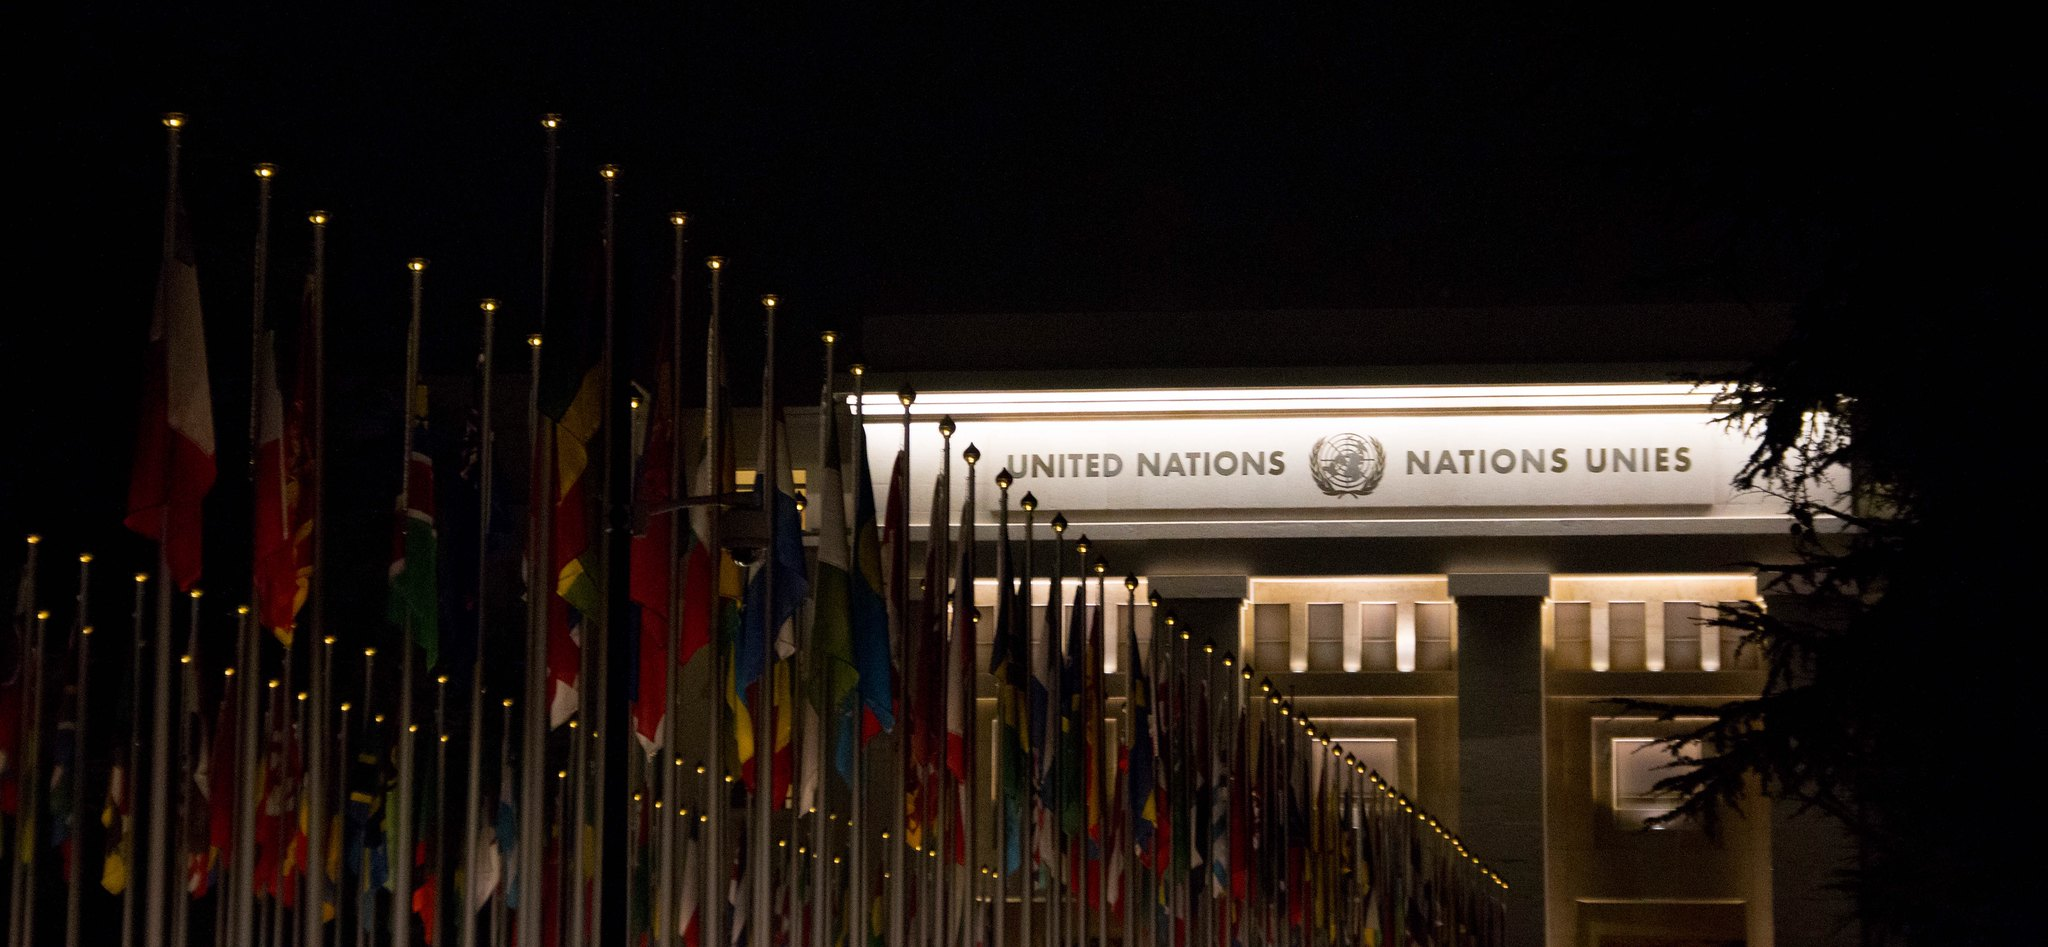 L'ONU a gardé sous silence l'une des plus grandes cyberattaques de son histoire